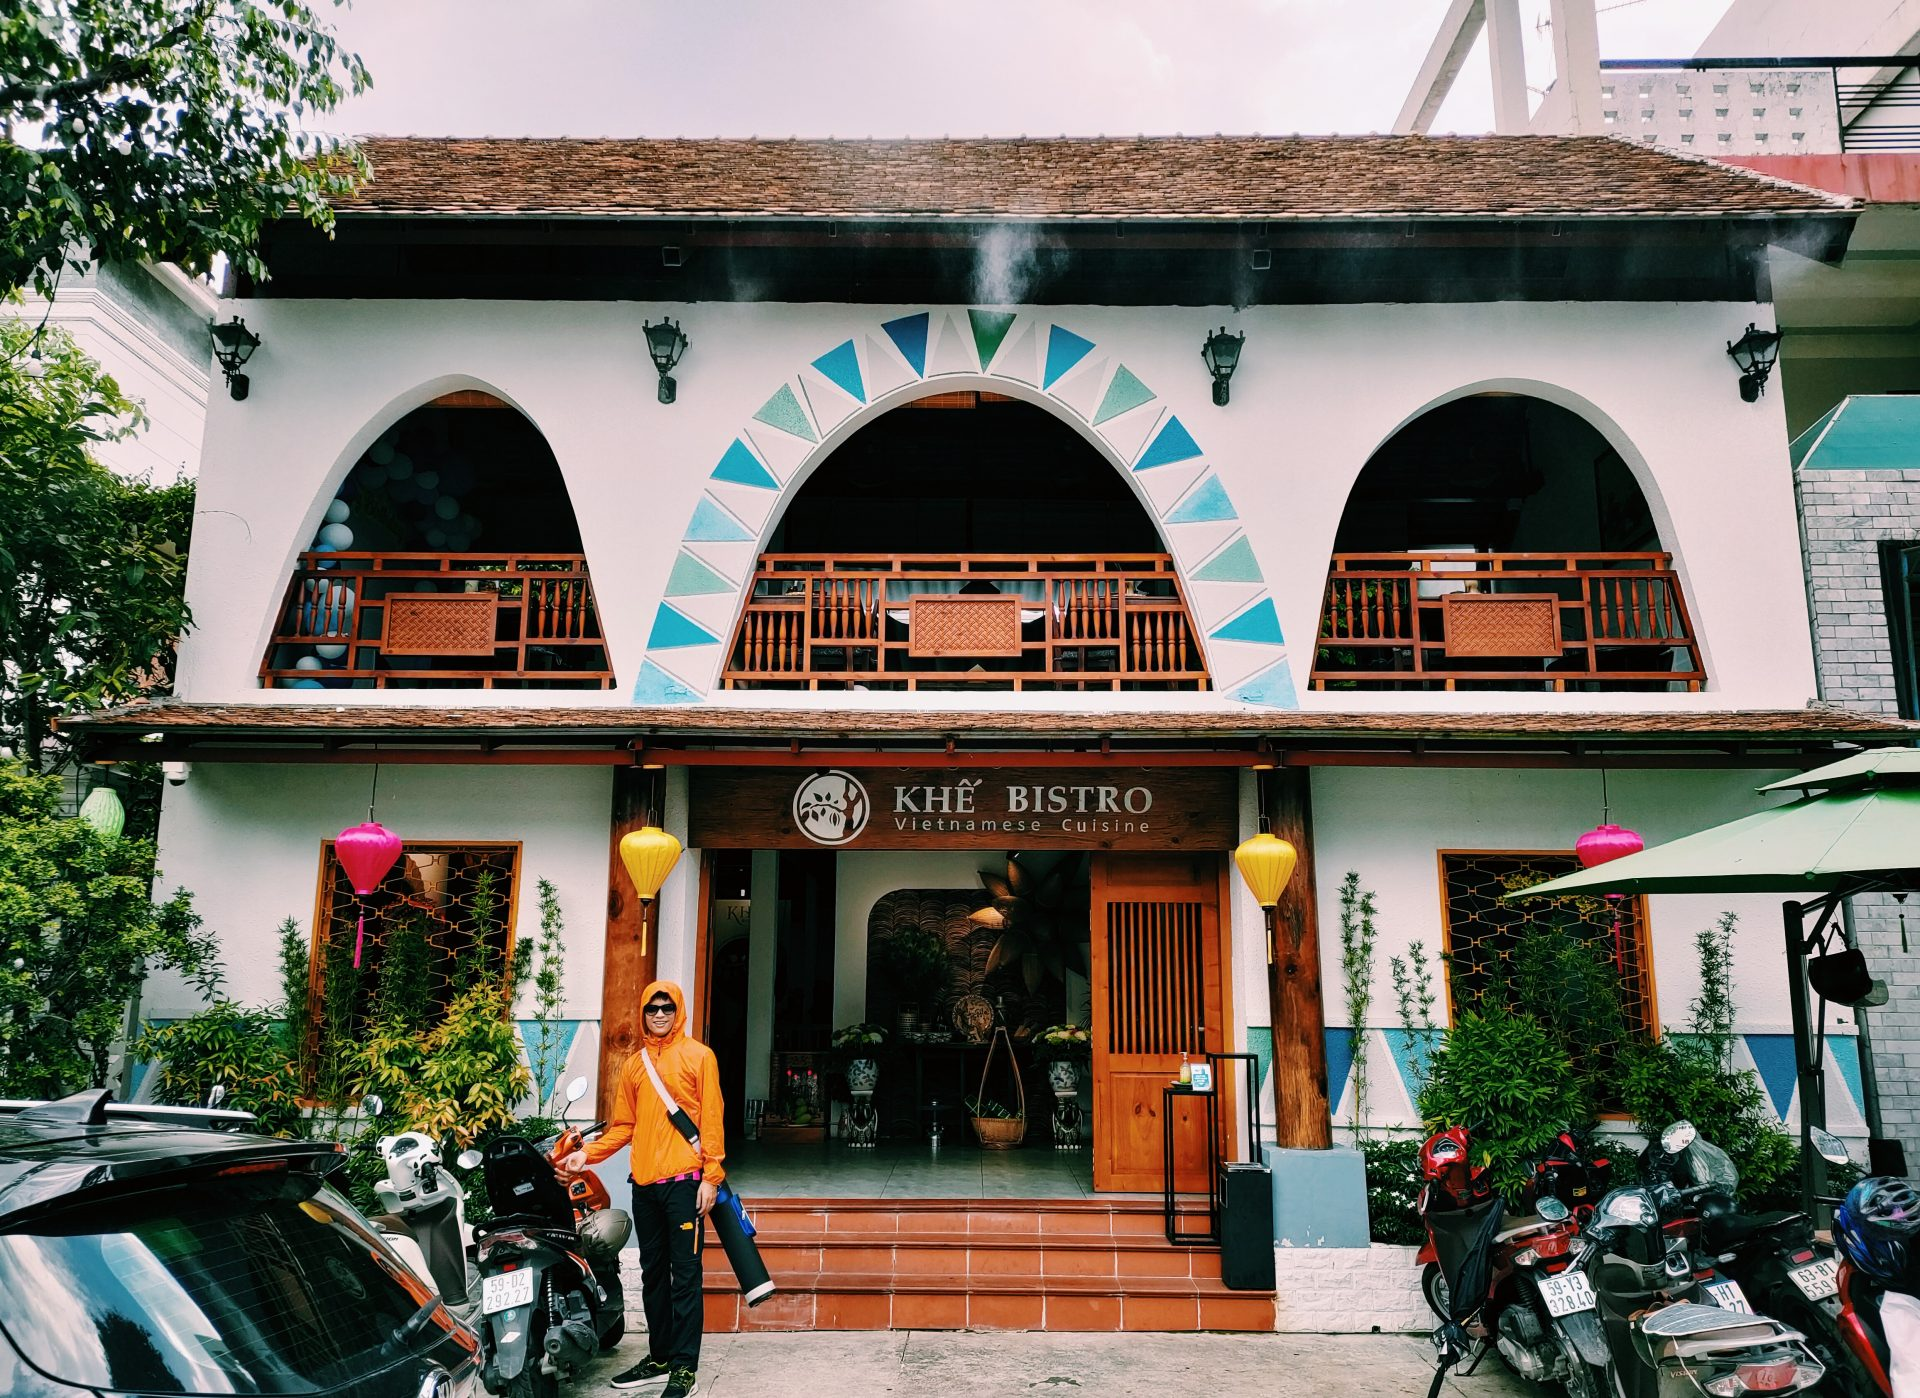 越南平陽精緻越南料理Khế Bistro楊桃樹餐館 | 三十年老廚師、北中南越各色料理、入口即化紅燒肉、香氣陣陣榴槤魚餅